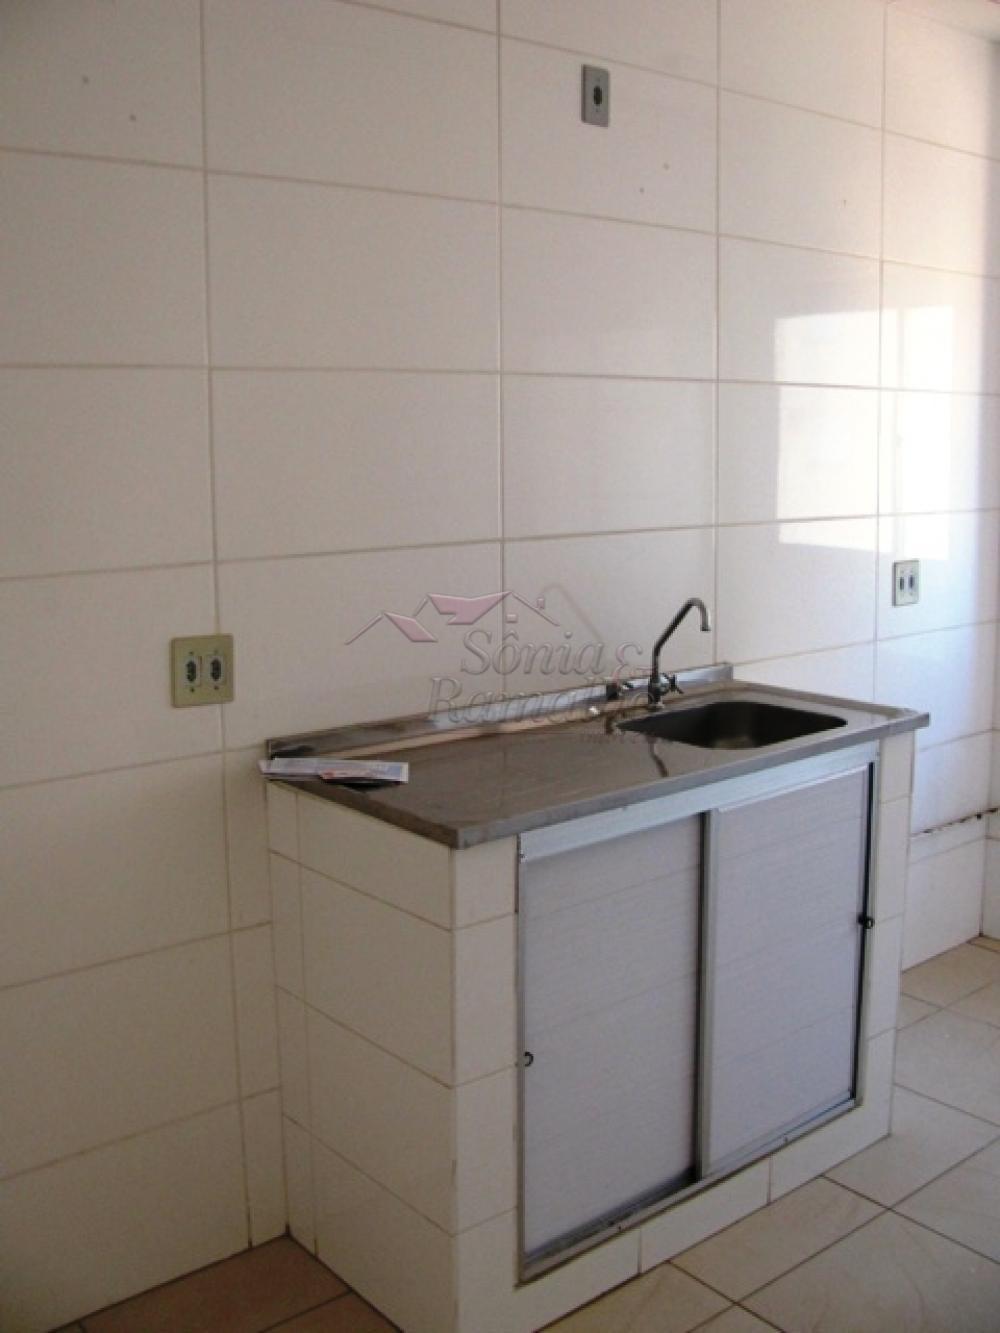 Alugar Apartamentos / Padrão em Ribeirão Preto apenas R$ 700,00 - Foto 8